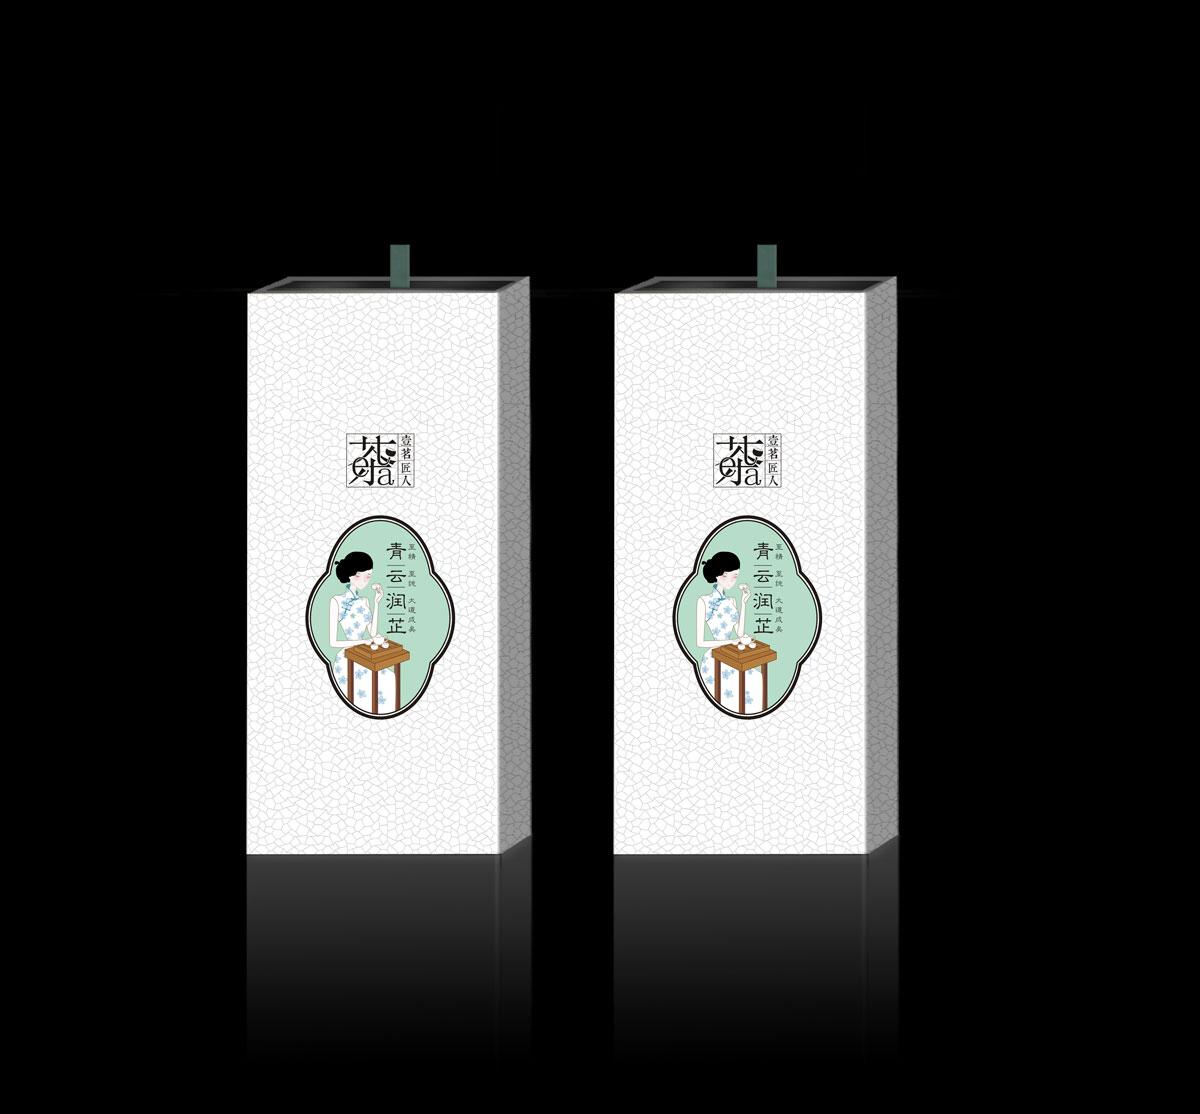 心一茶园茶叶包装设计|茶叶公司产品精品礼盒包装设计效果图|茶叶白茶绿茶红茶黑茶